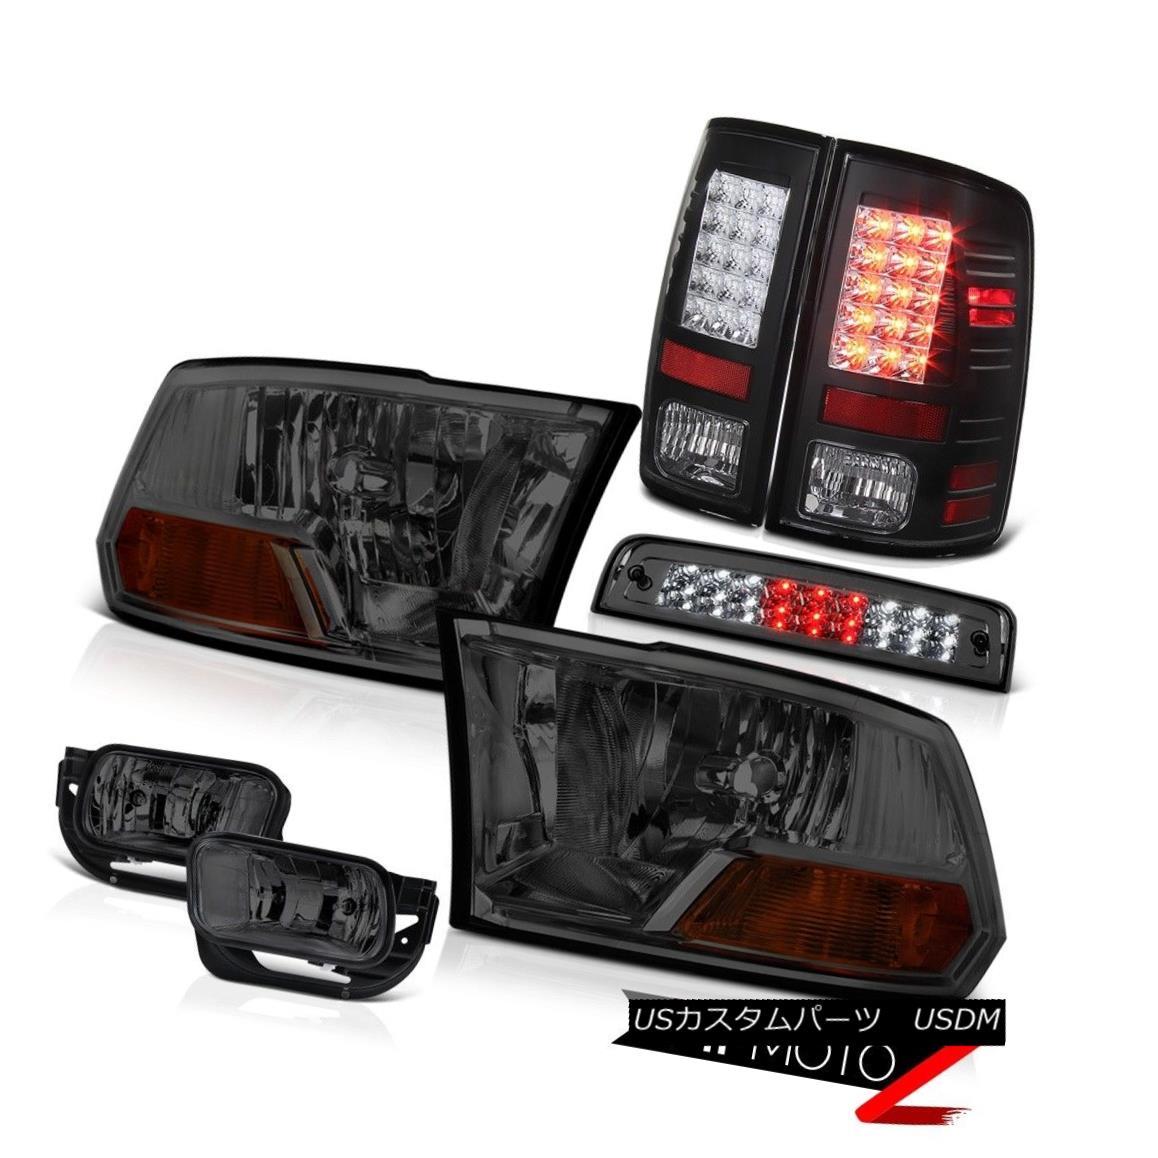 テールライト 09-13 Dodge Ram 1500 5.7L Fog Lamps 3RD Brake Light Tail Headlamps